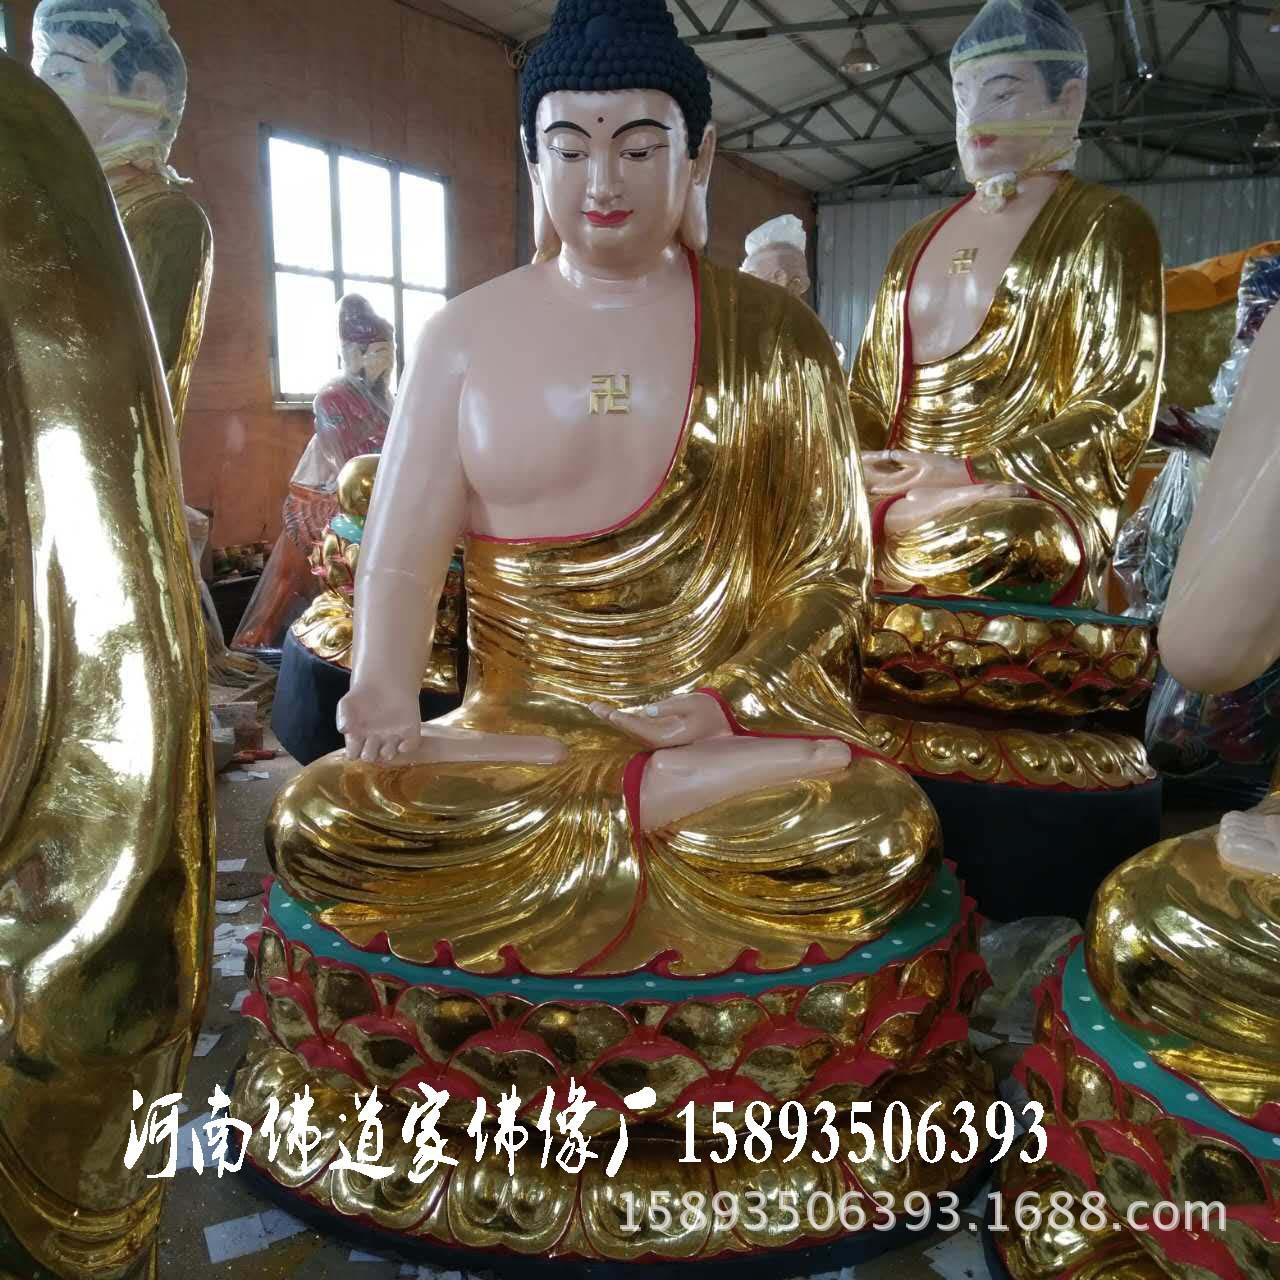 藏传佛教藏佛密宗佛像 百年传承供应佛教用品 河南大型佛像神像示例图1